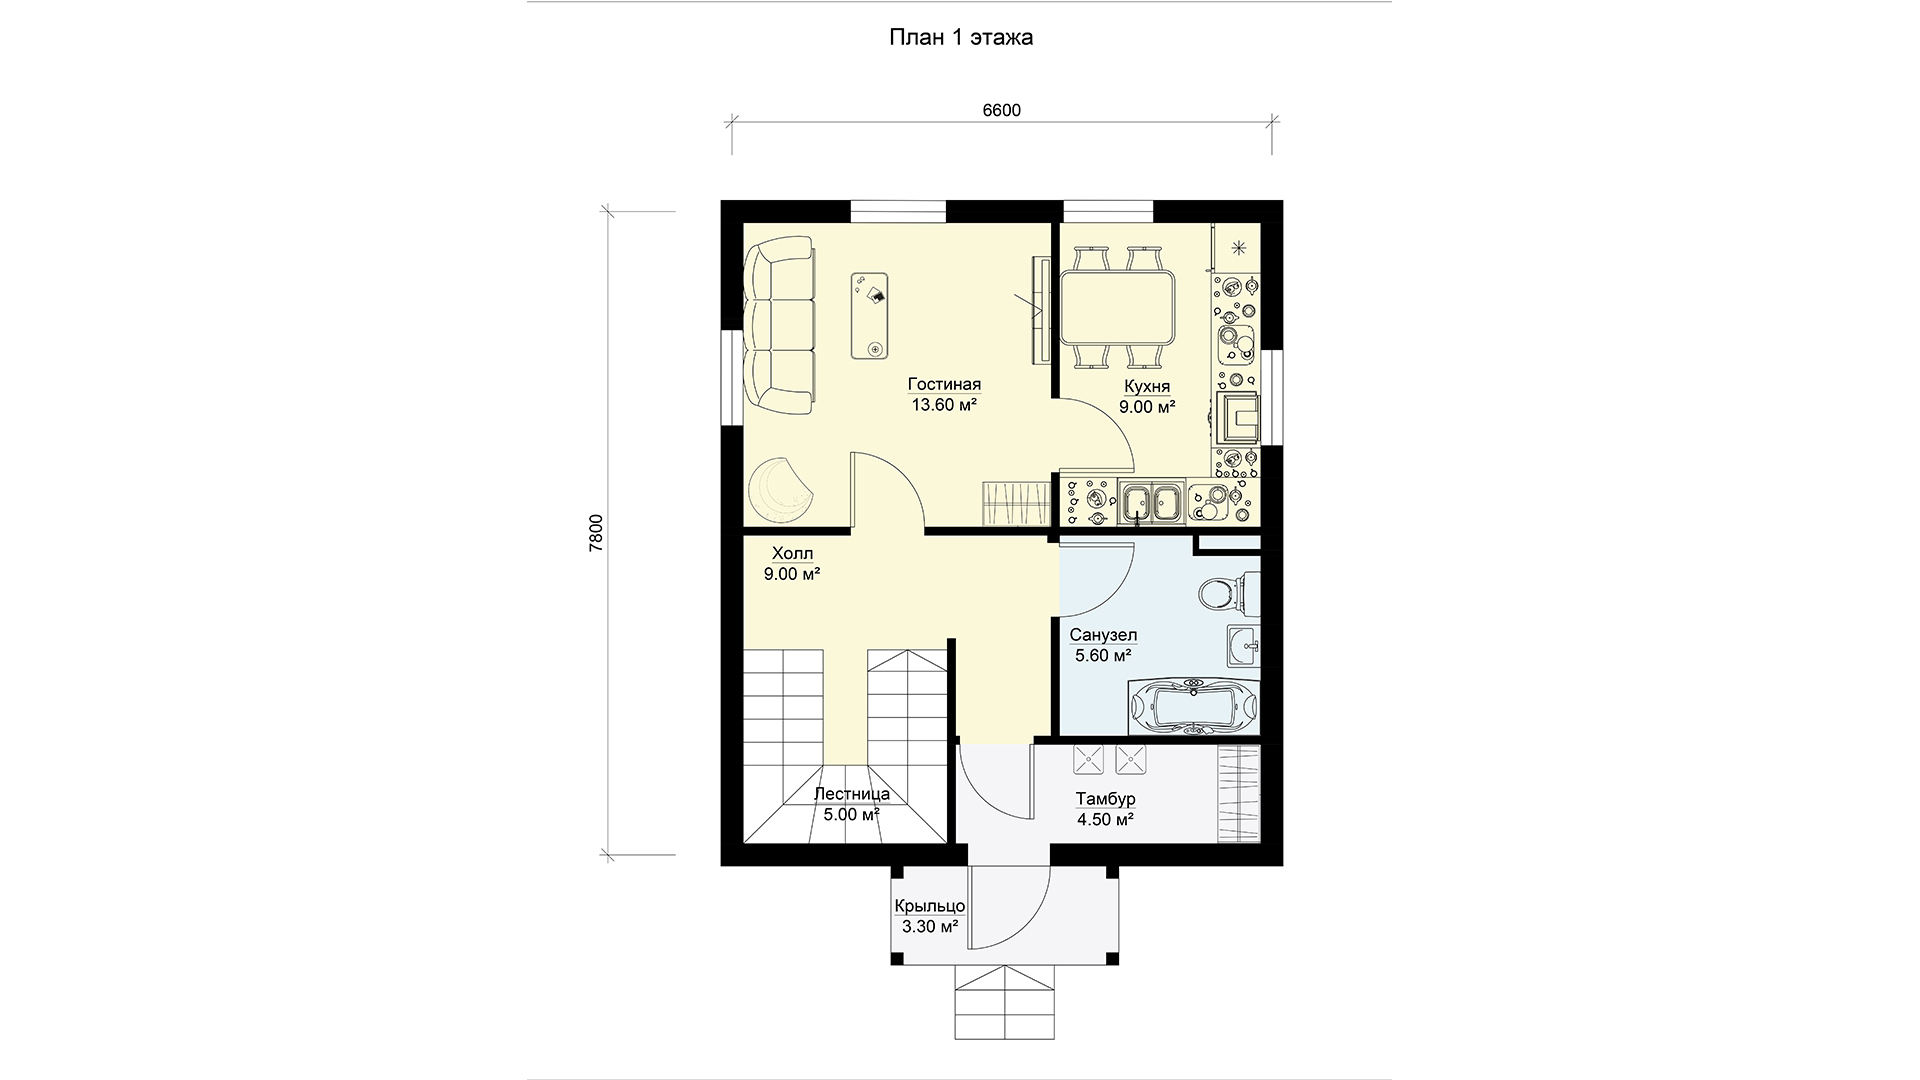 План первого этажа небольшого двухэтажного дома, проект БЭНПАН МС-92.